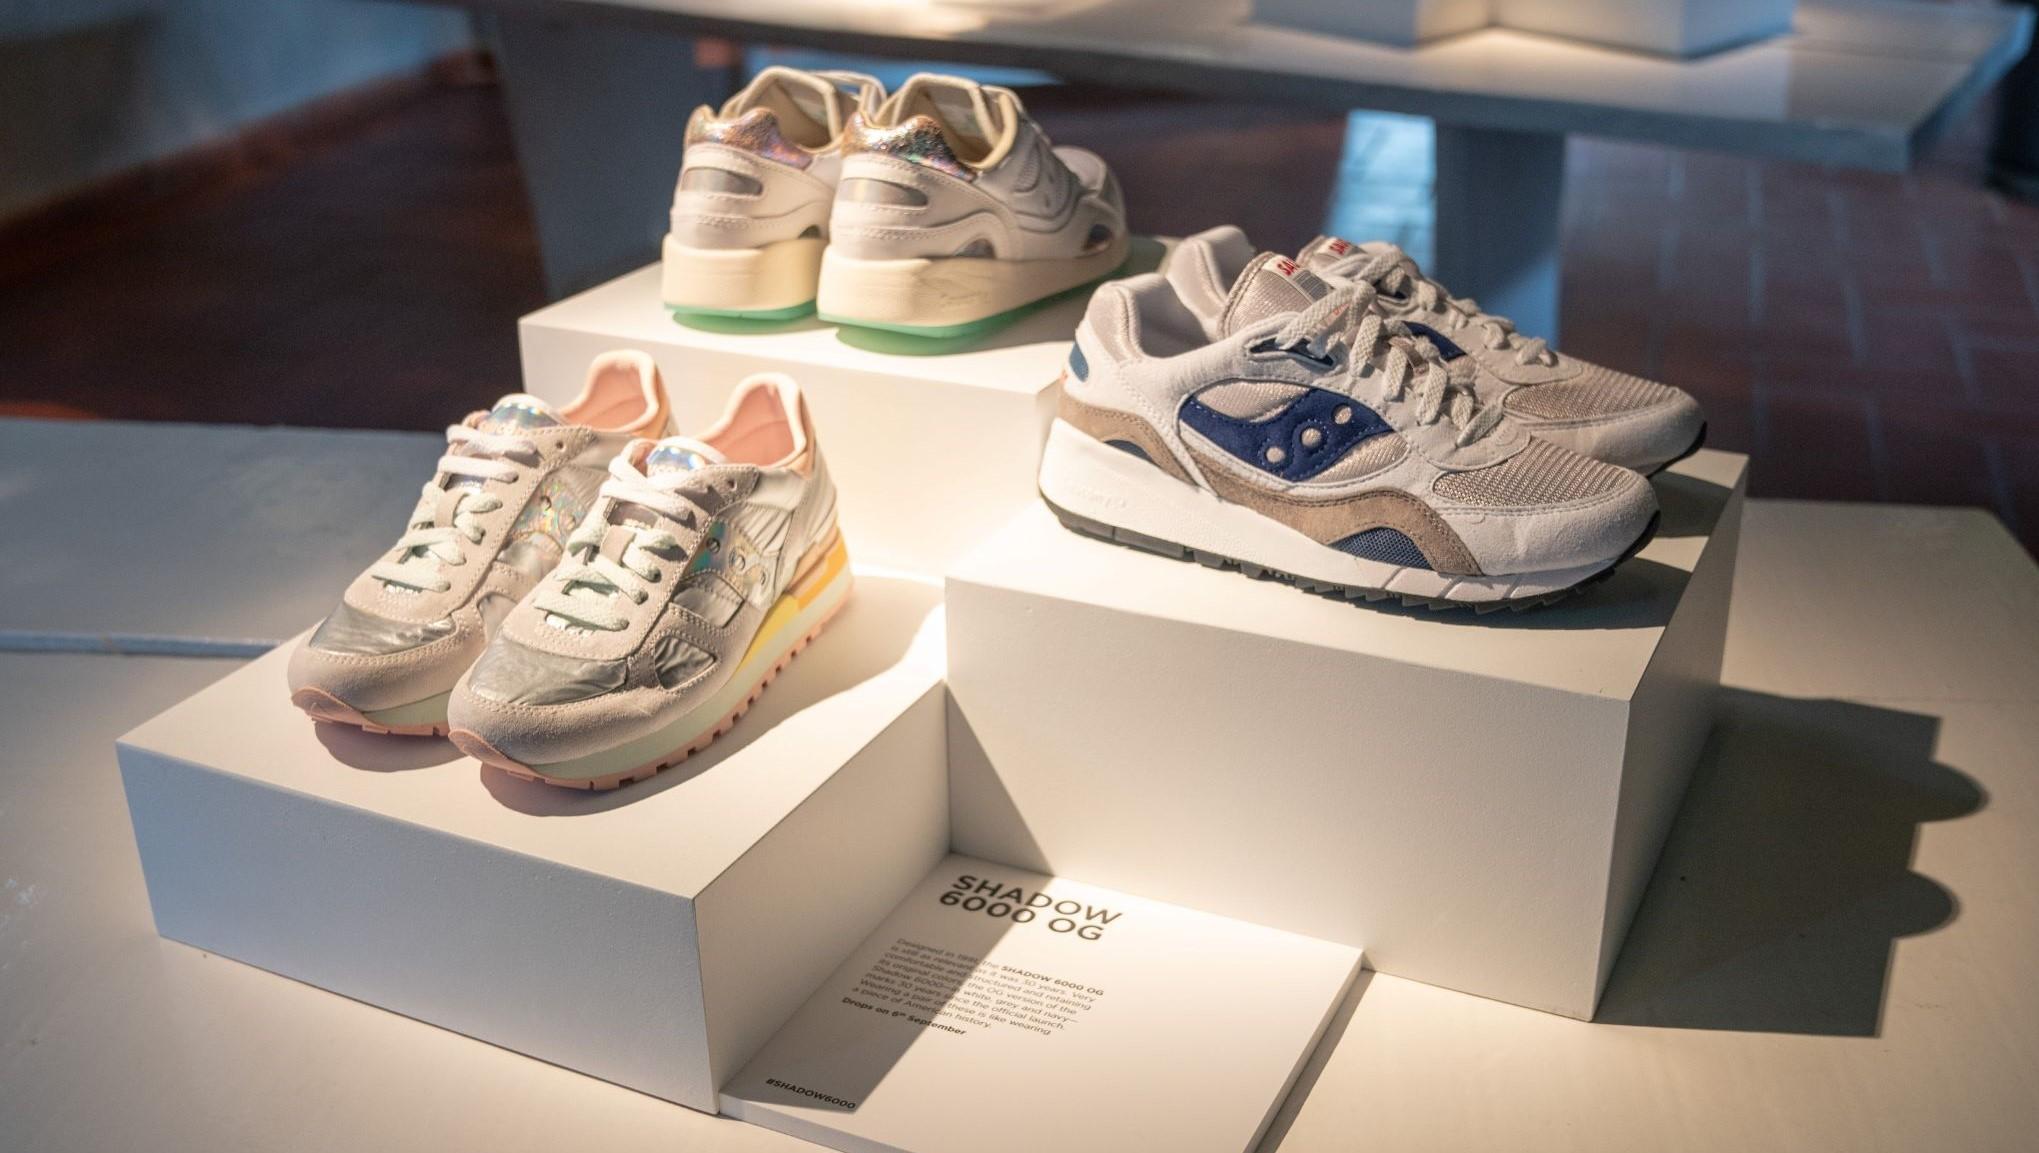 Saucony Originals celebra i suoi 30 anni con un mega evento durante la Milano Design Week